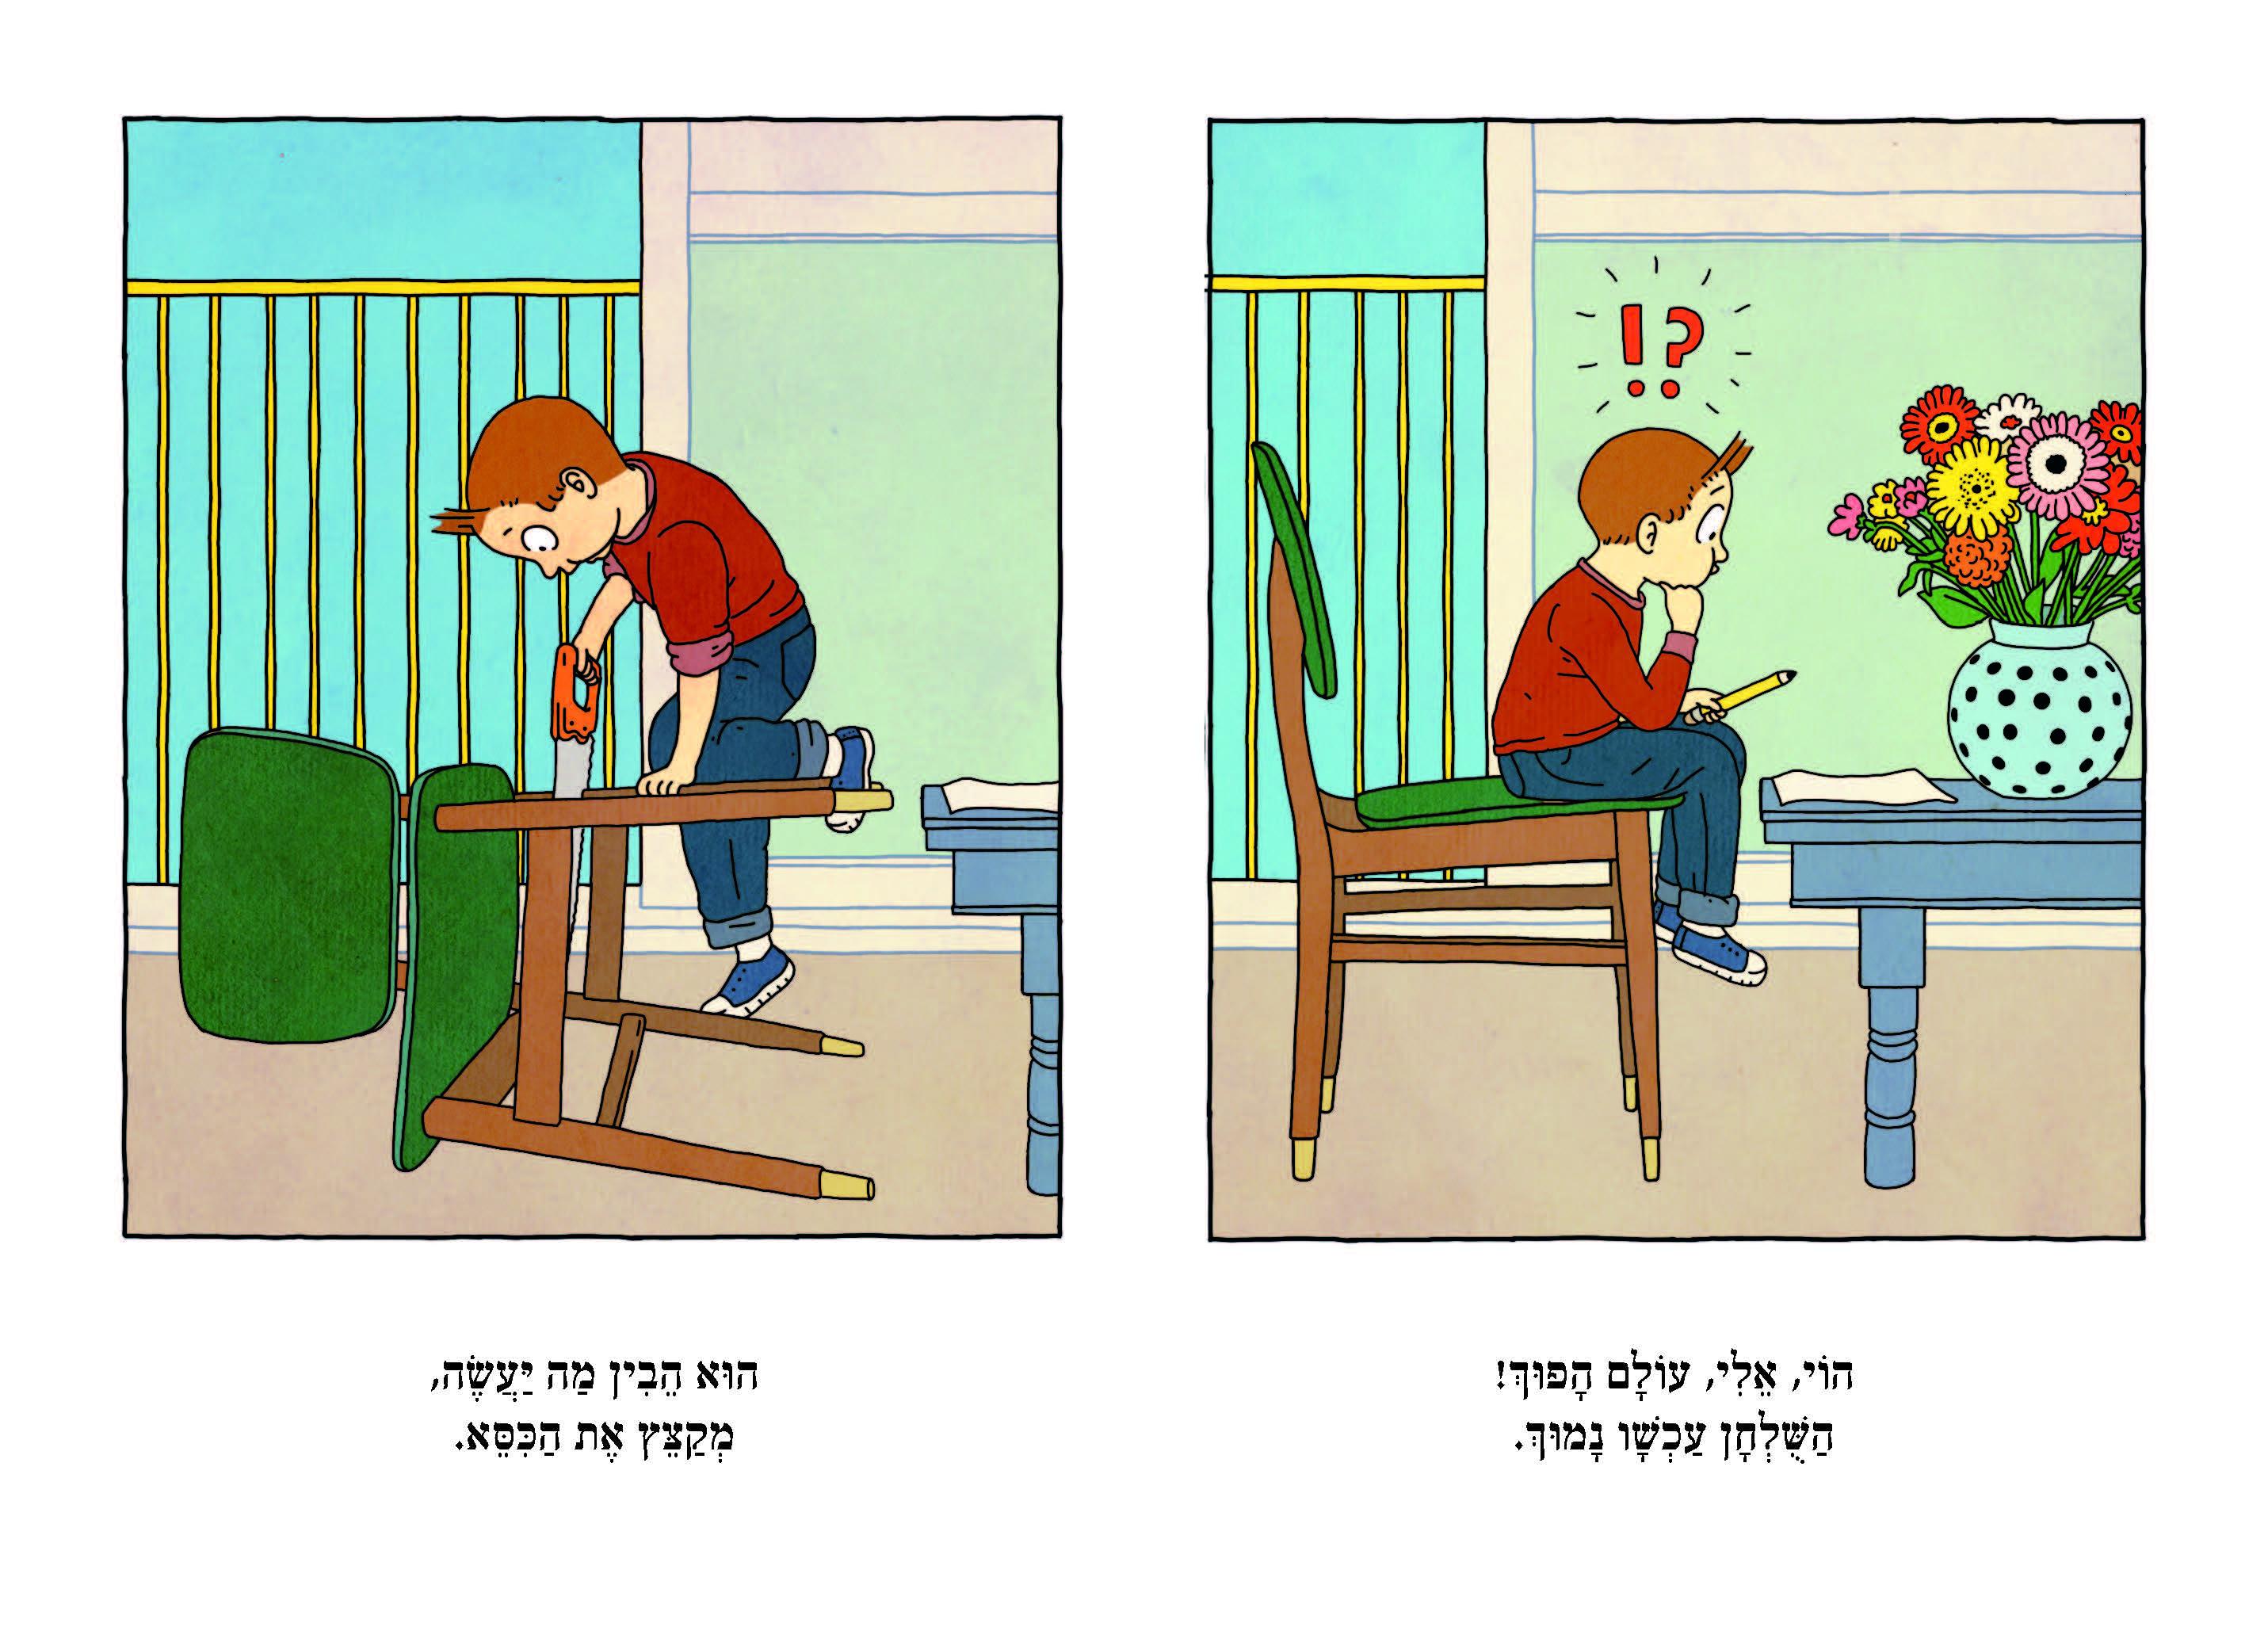 חפצים - עיצוב הבית לגדול גם על קומיקס – כה חשוב!